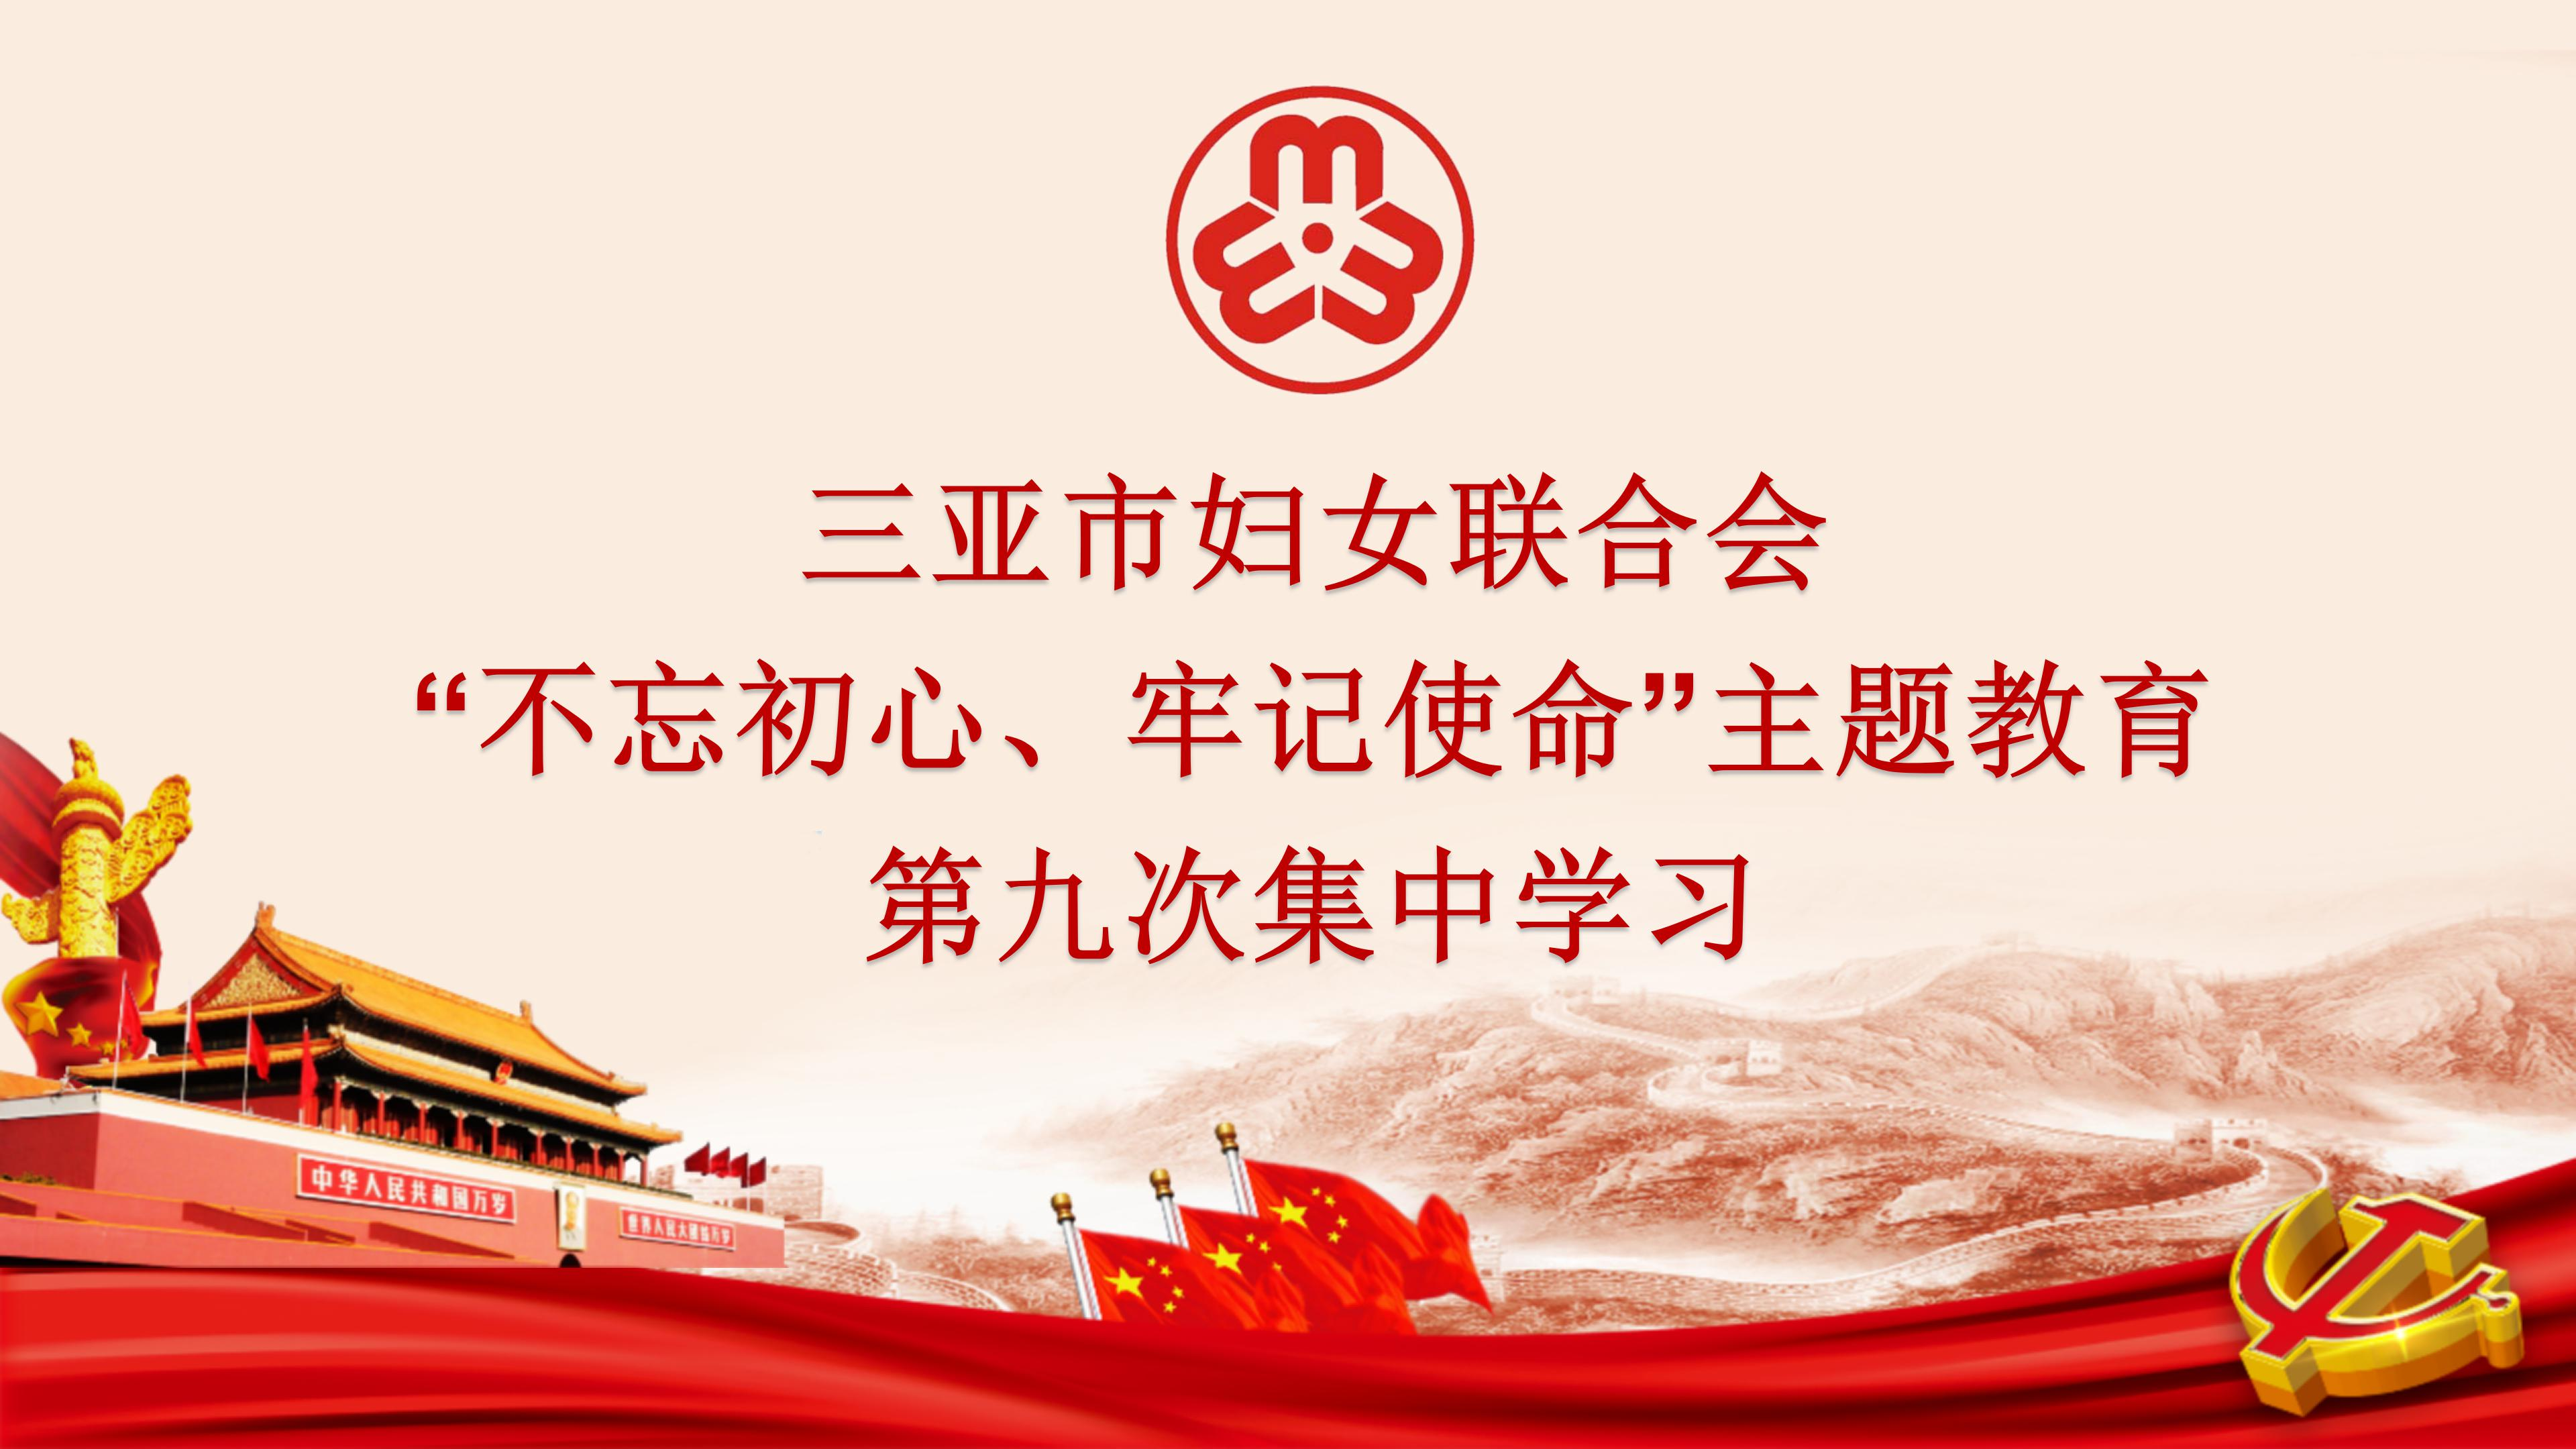 """三亚市妇联组织开展 """"不忘初心、牢记使命""""主题教育 第九次集中学习"""